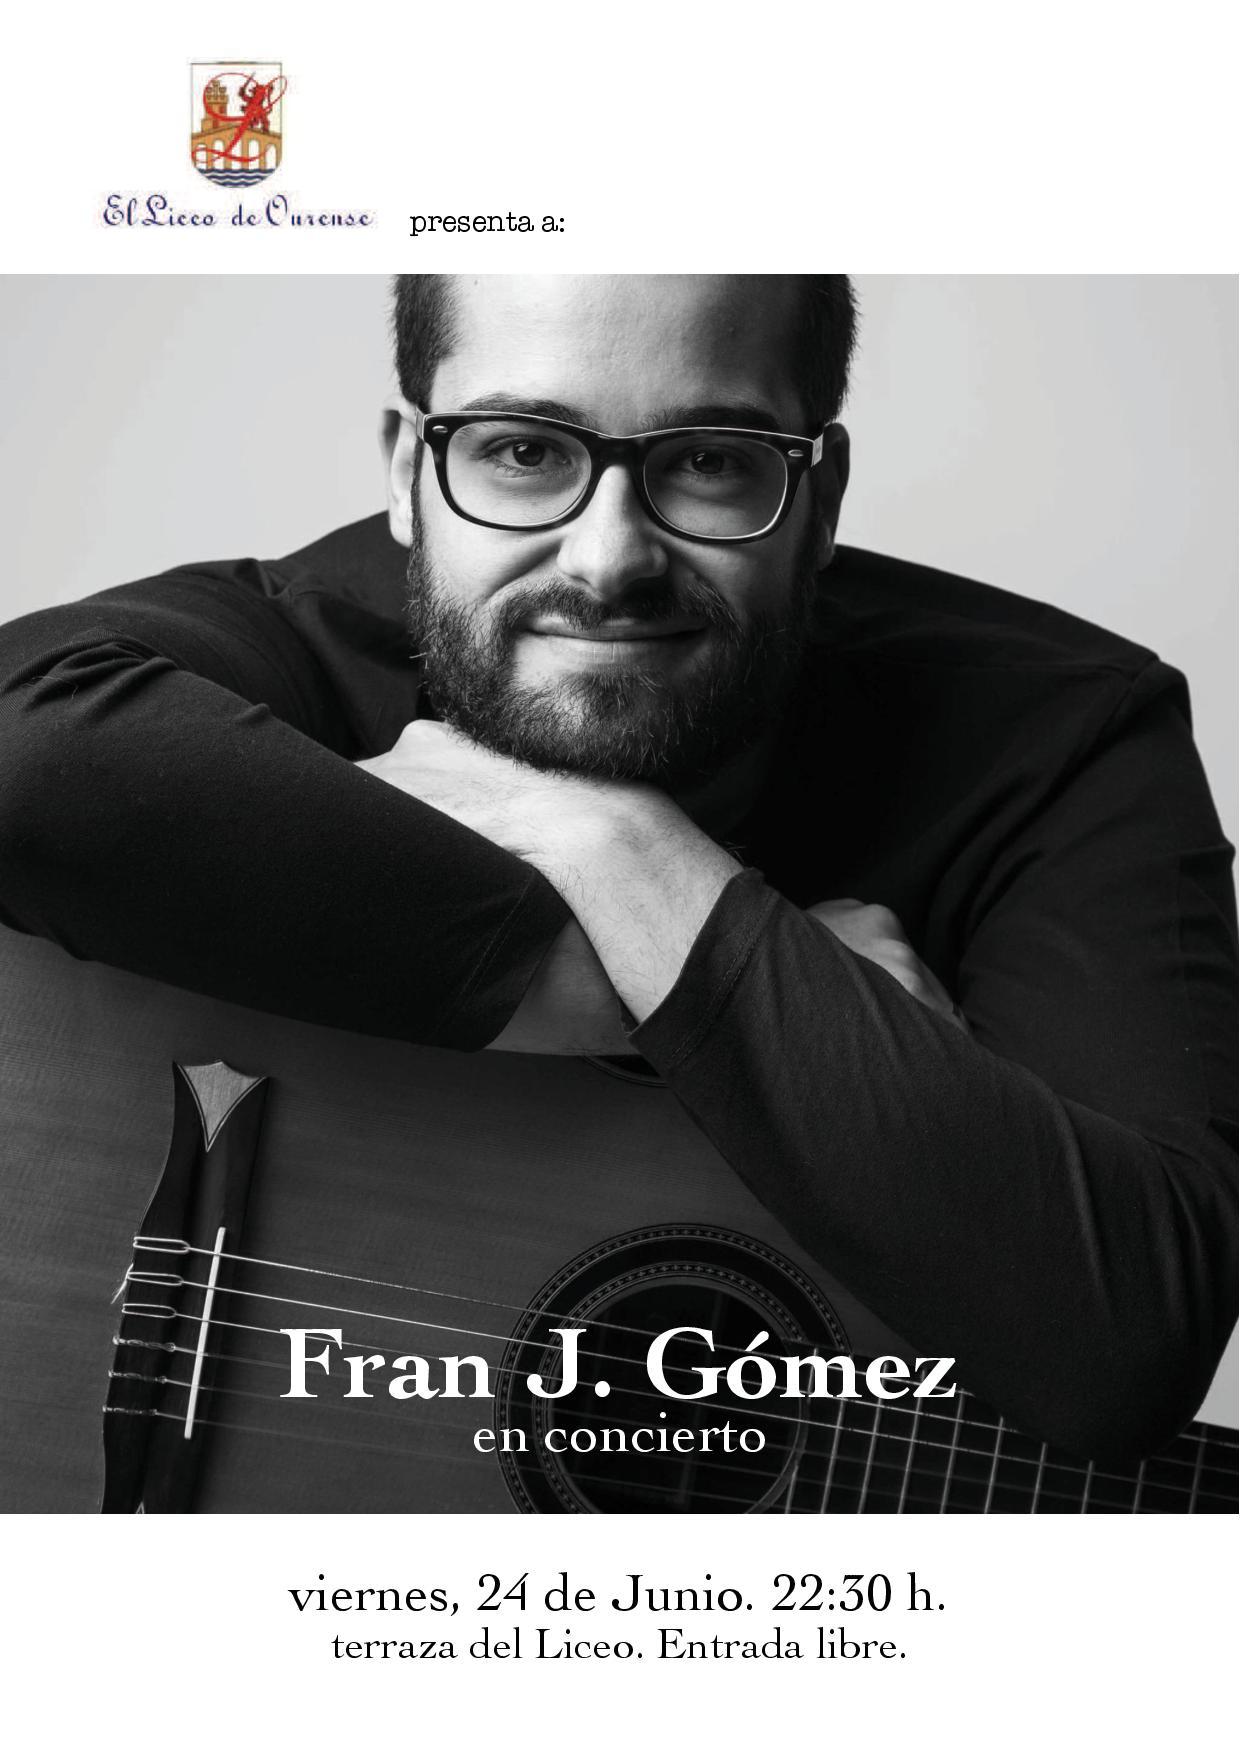 FRAN J. GOMEZ